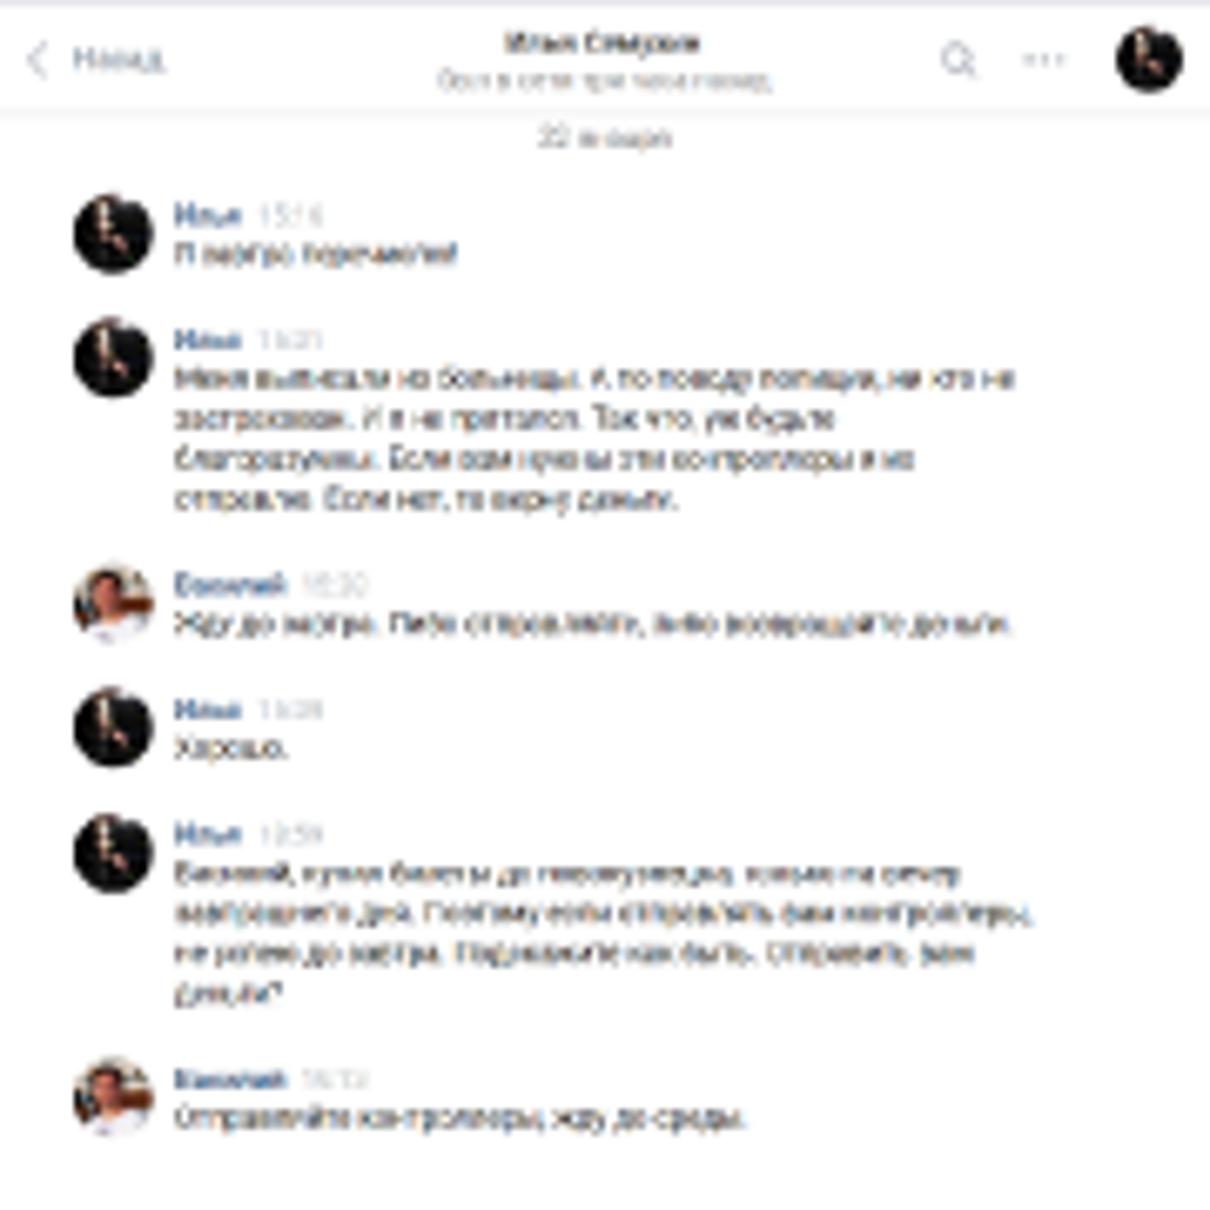 Жалоба-отзыв: Илья Семухин - Мошенник Семухин Илья, может продавать промышленное оборудование